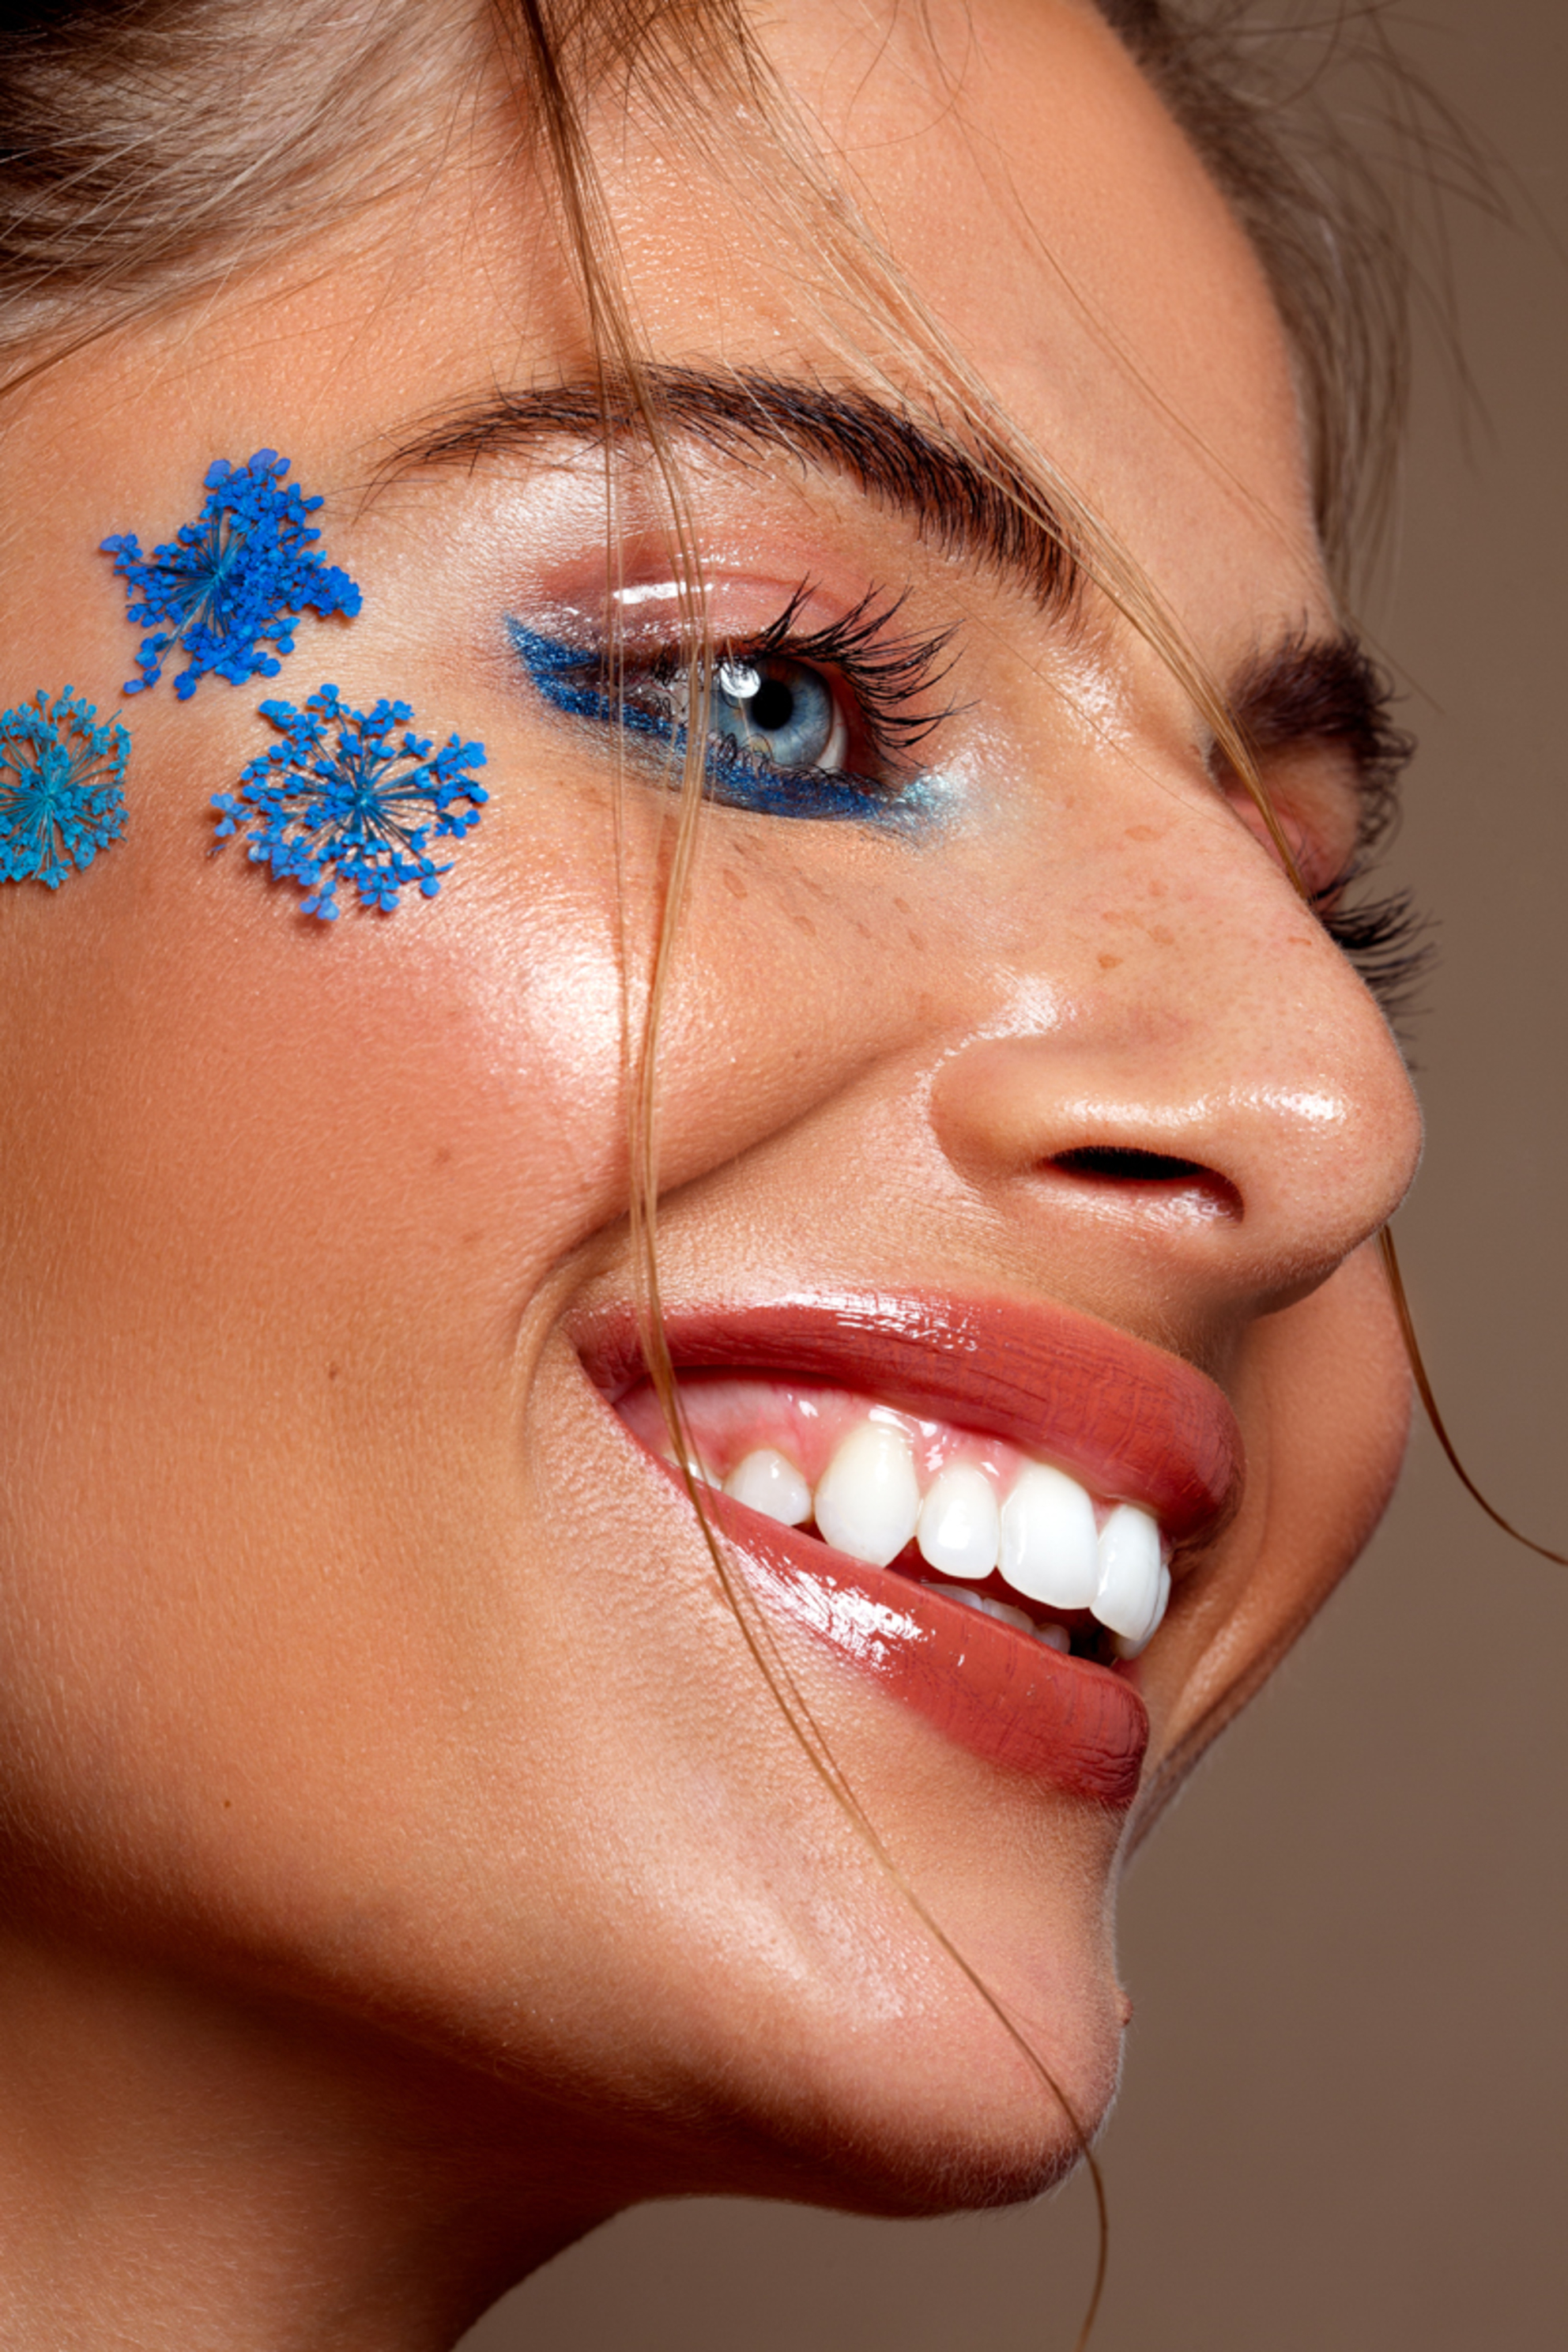 Nikki - Model: Nikki @ EVD Agency MUAH: Kaja Dobron - foto door stephanieverhart op 26-10-2019 - deze foto bevat: vrouw, licht, portret, schaduw, model, flits, ogen, fashion, beauty, emotie, photoshop, closeup, mode, fotoshoot, visagie, flitser